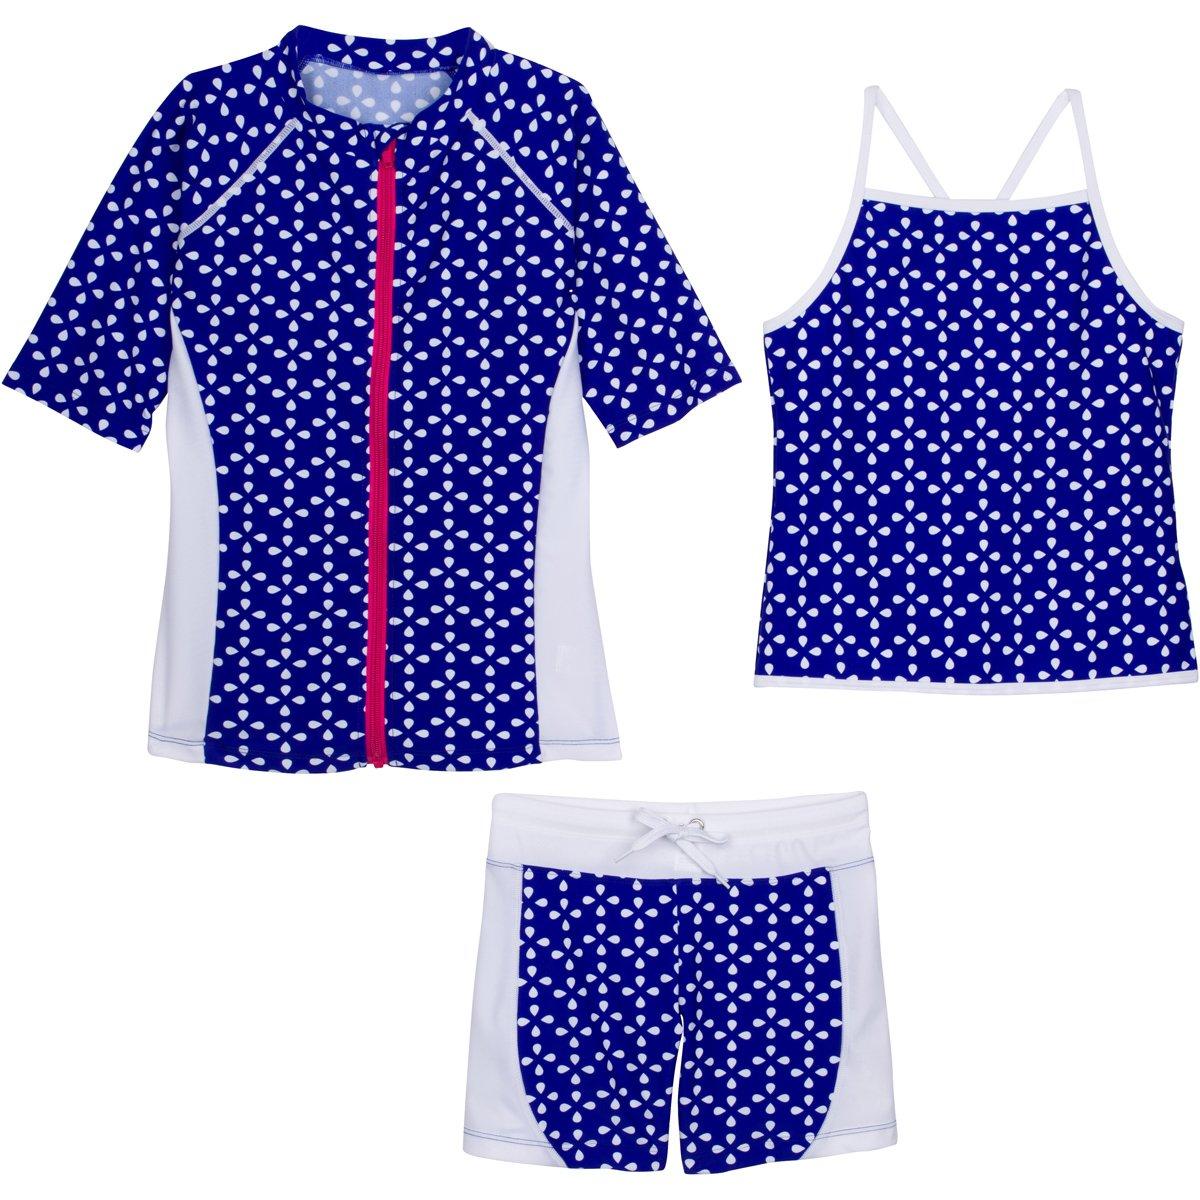 SwimZip Girls Short Sleeve Rash Guard Swim Shorts Set with UPF 50+ SZISSSHORTSET3PC01